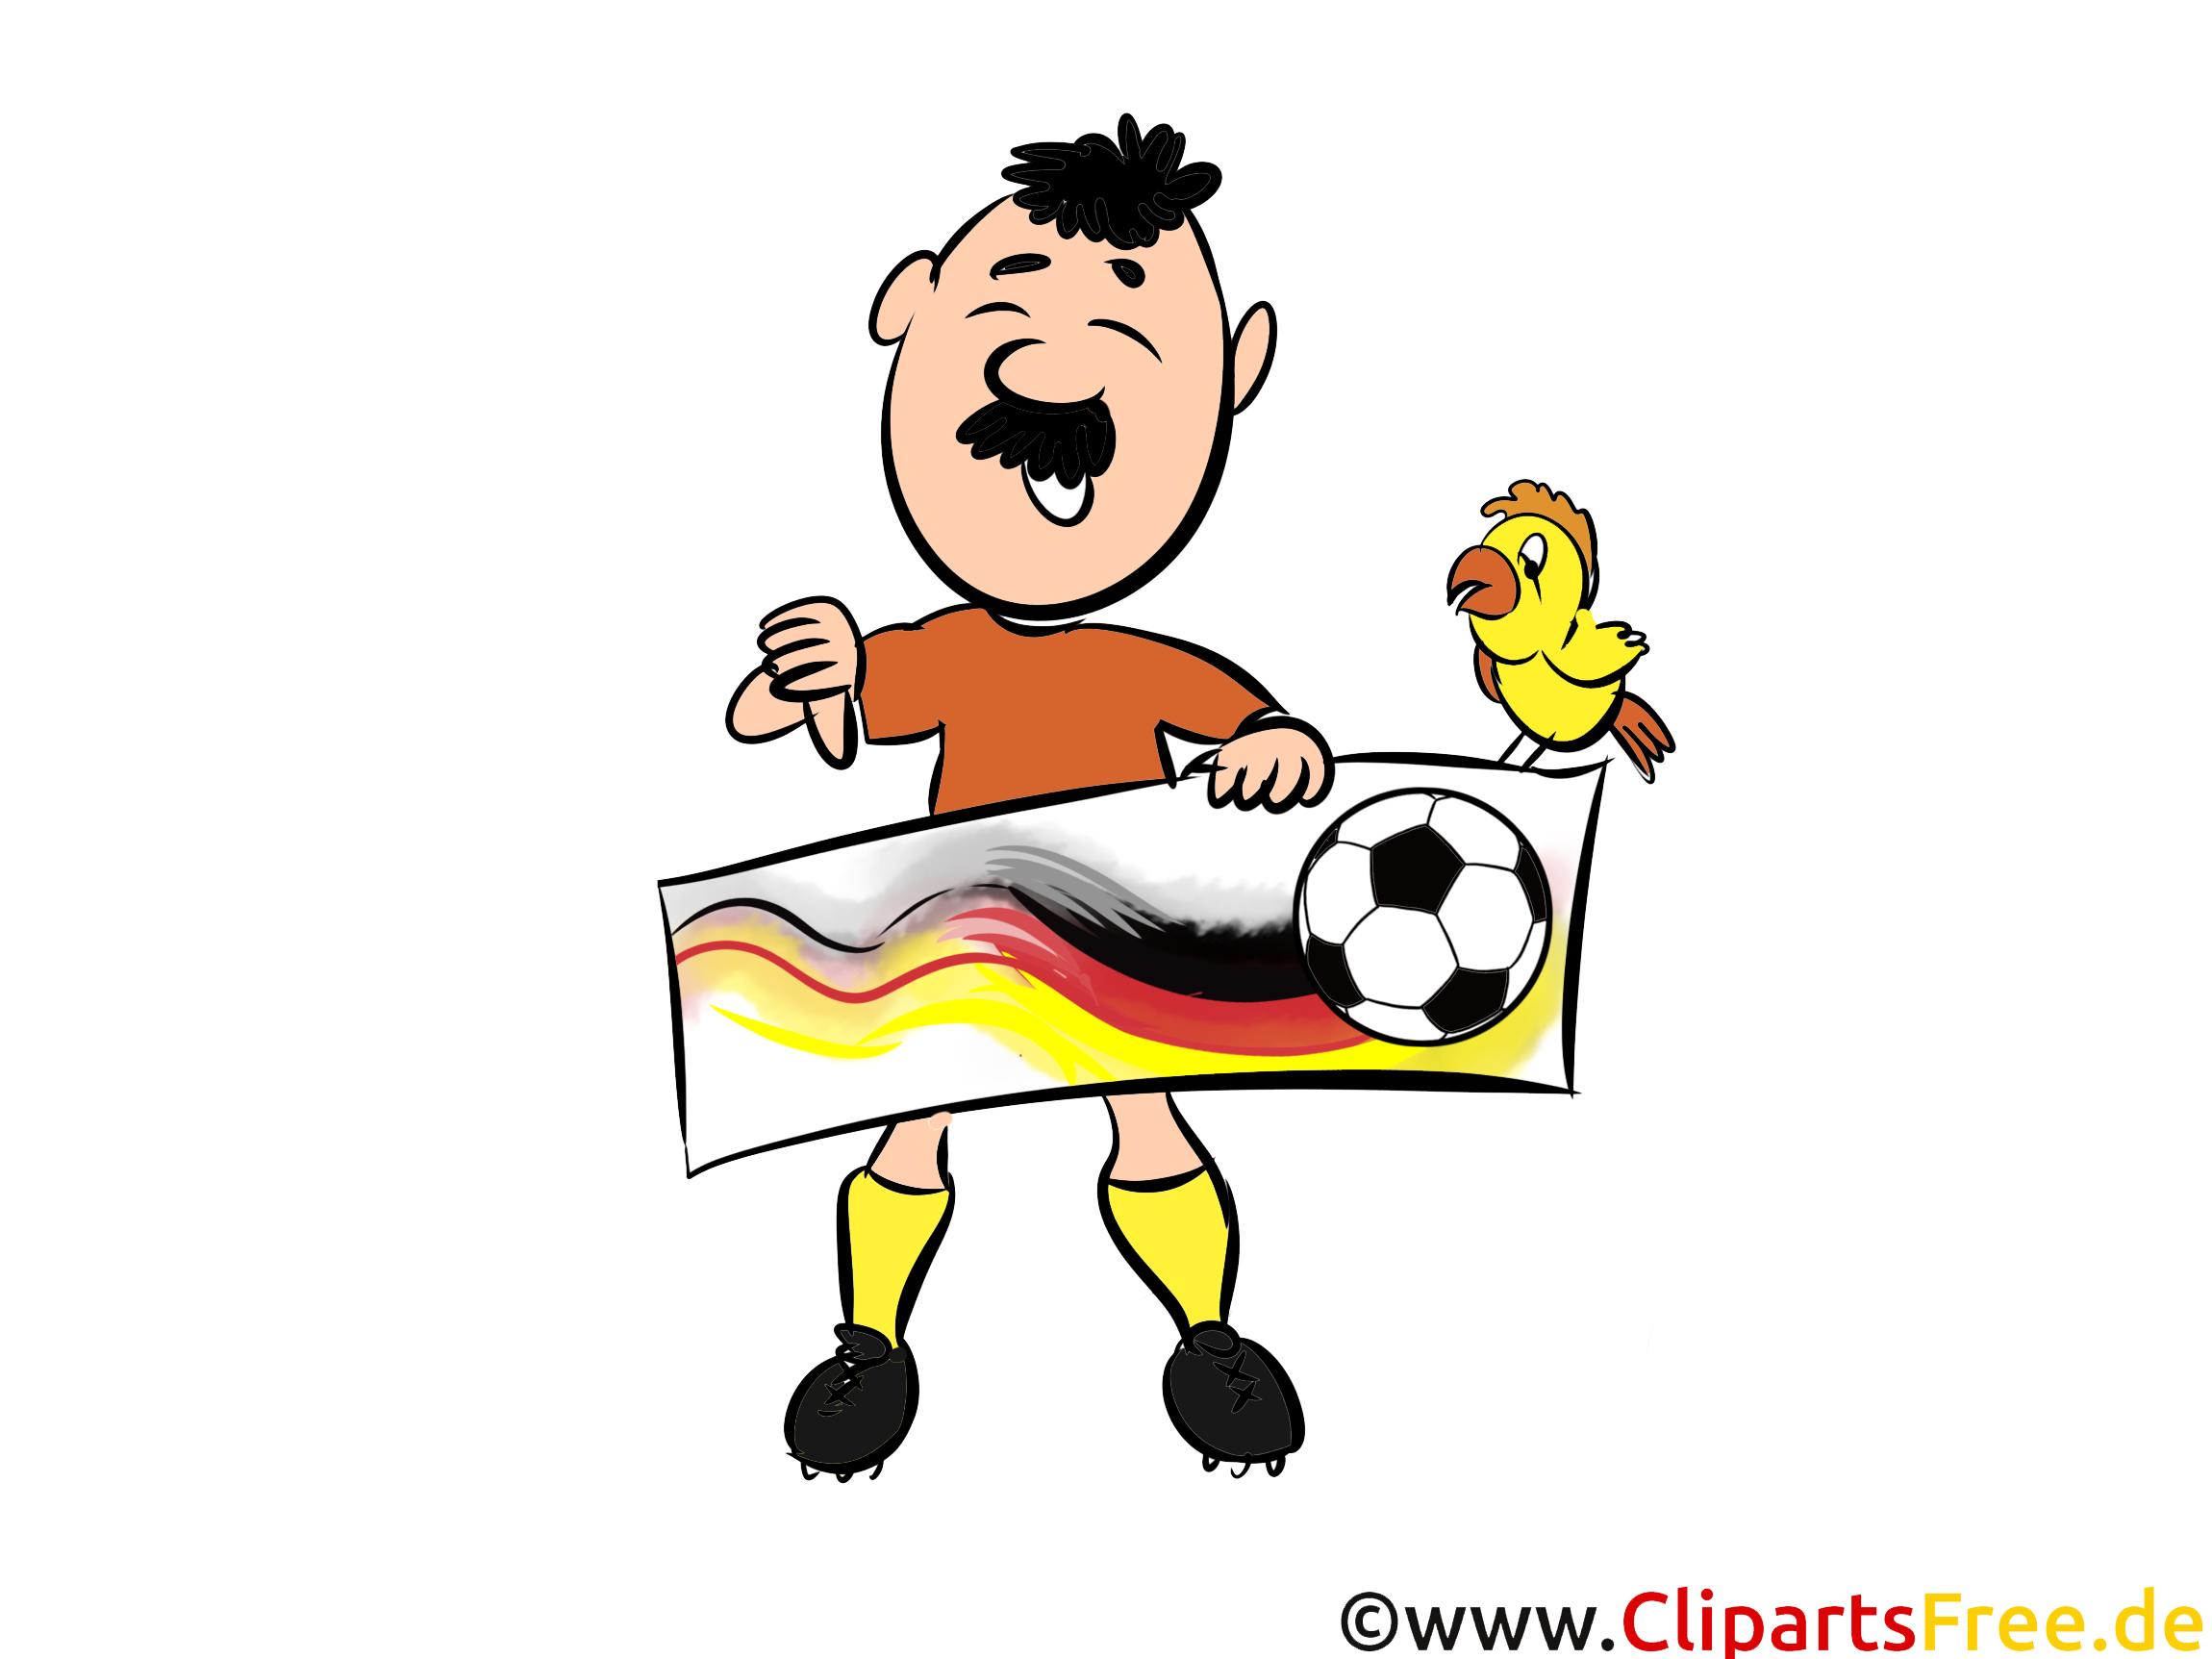 Lustige Fußball Bilder in Clipartstil